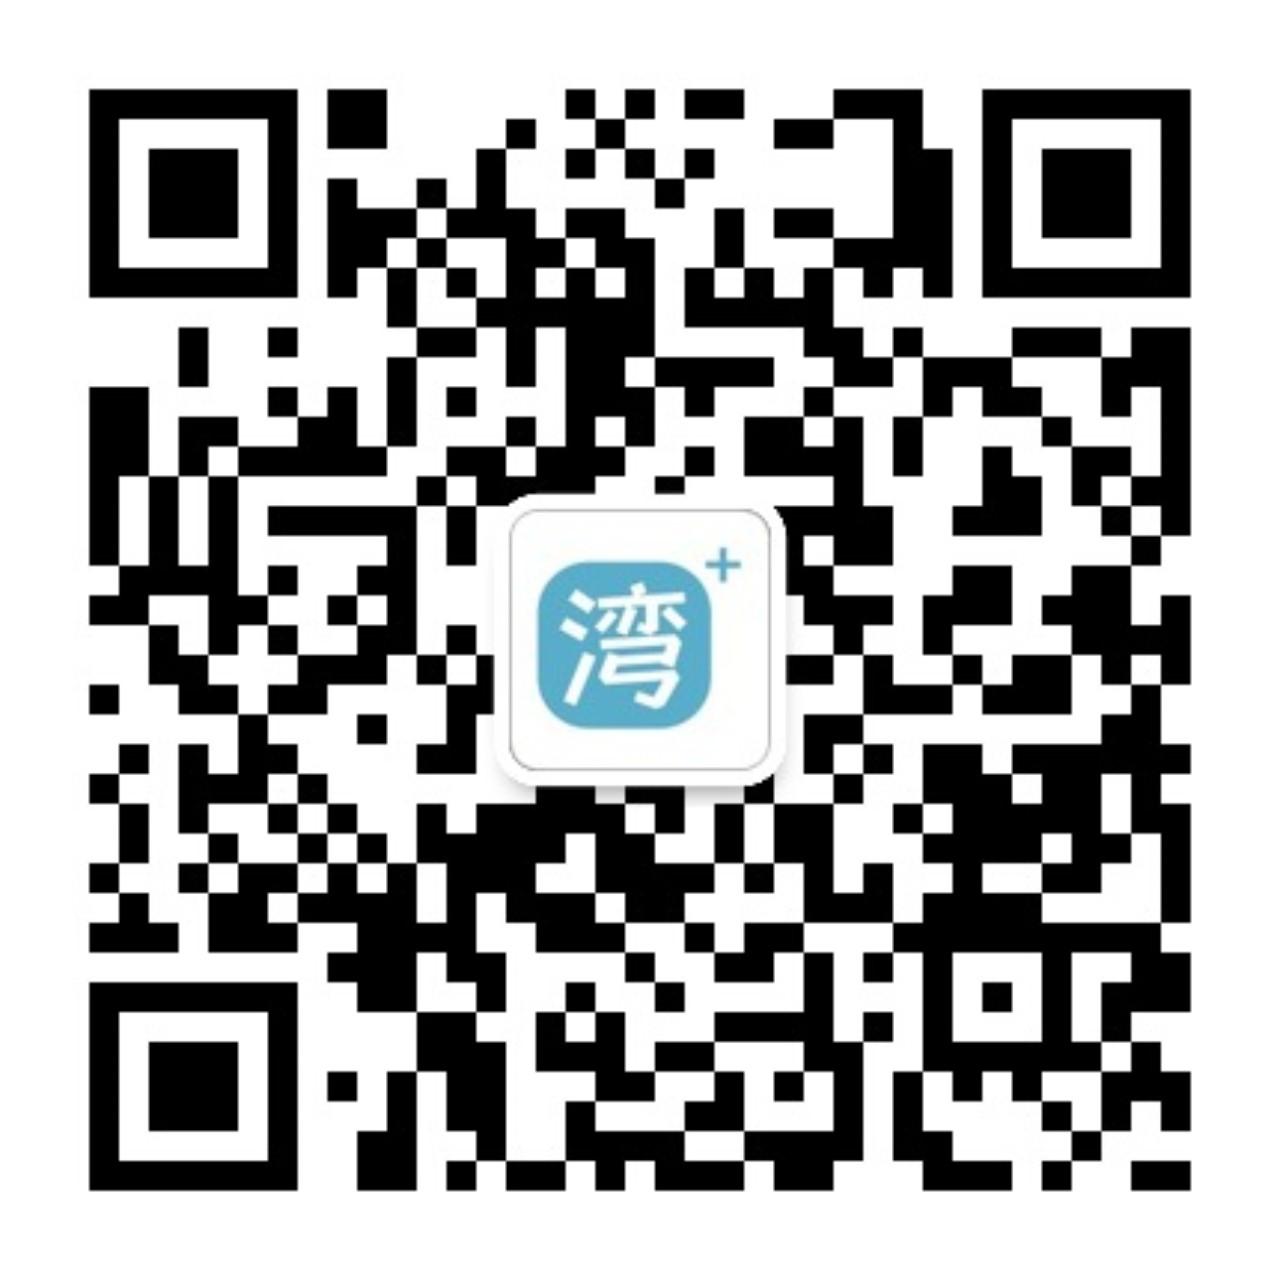 Uploads%2fevent contacts%2fqr code%2f479309929%2f